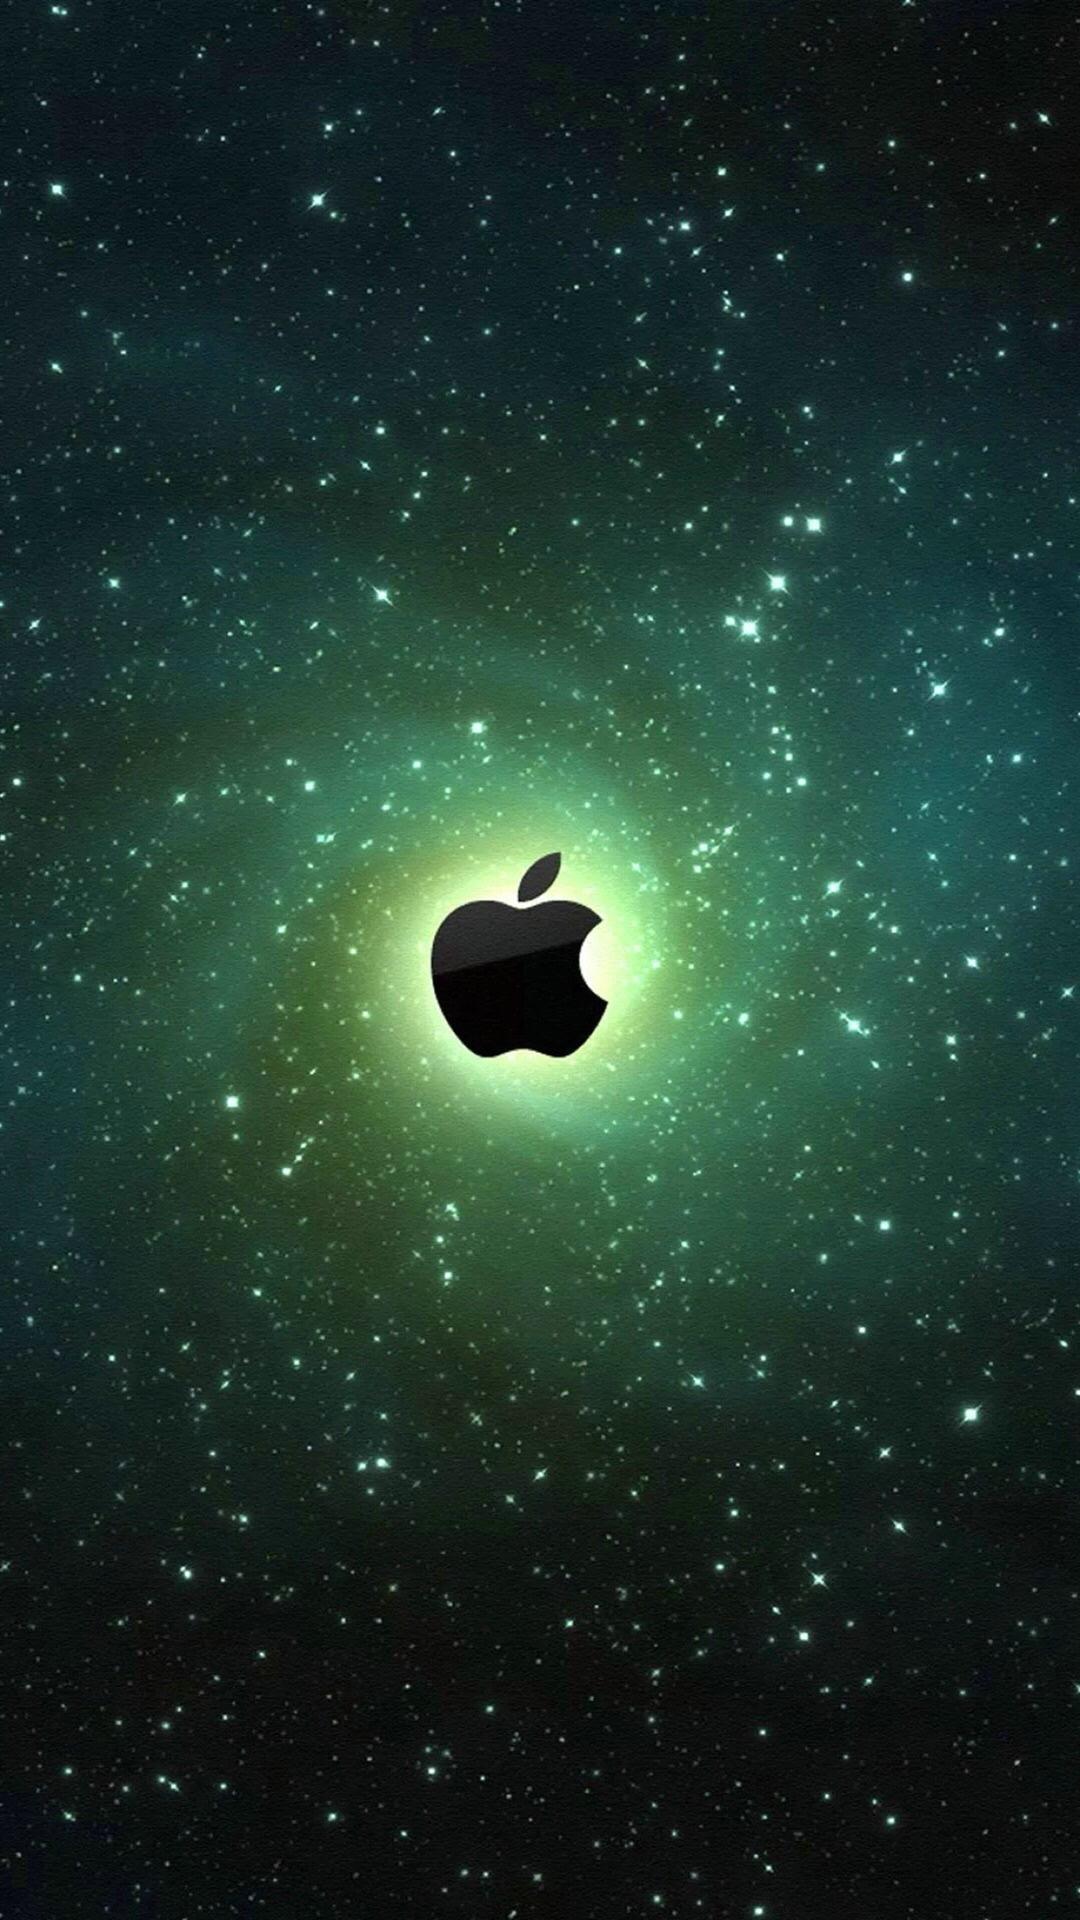 苹果logo 宇宙 绿色 苹果手机高清壁纸 1080x1920